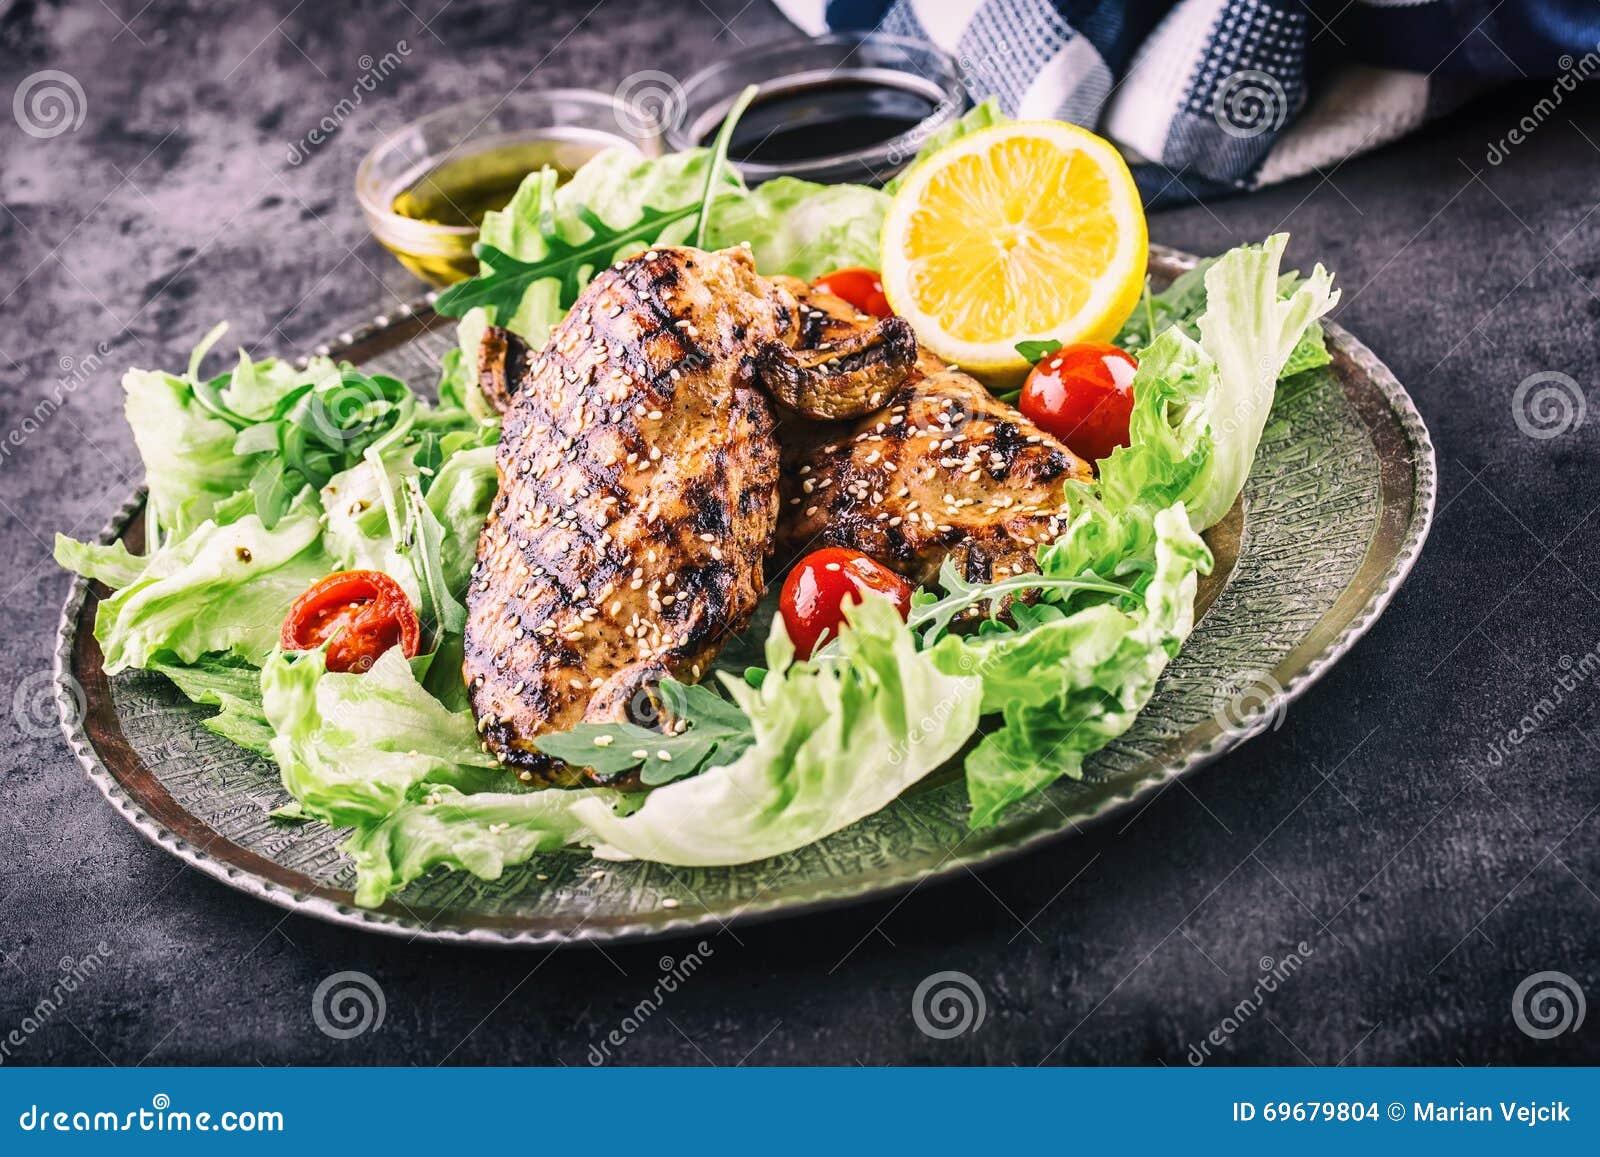 Gegrillte Hühnerbrust in den verschiedenen Veränderungen mit Kopfsalatsalat-Kirschtomaten-Pilzkräutern schnitt Zitrone auf einem